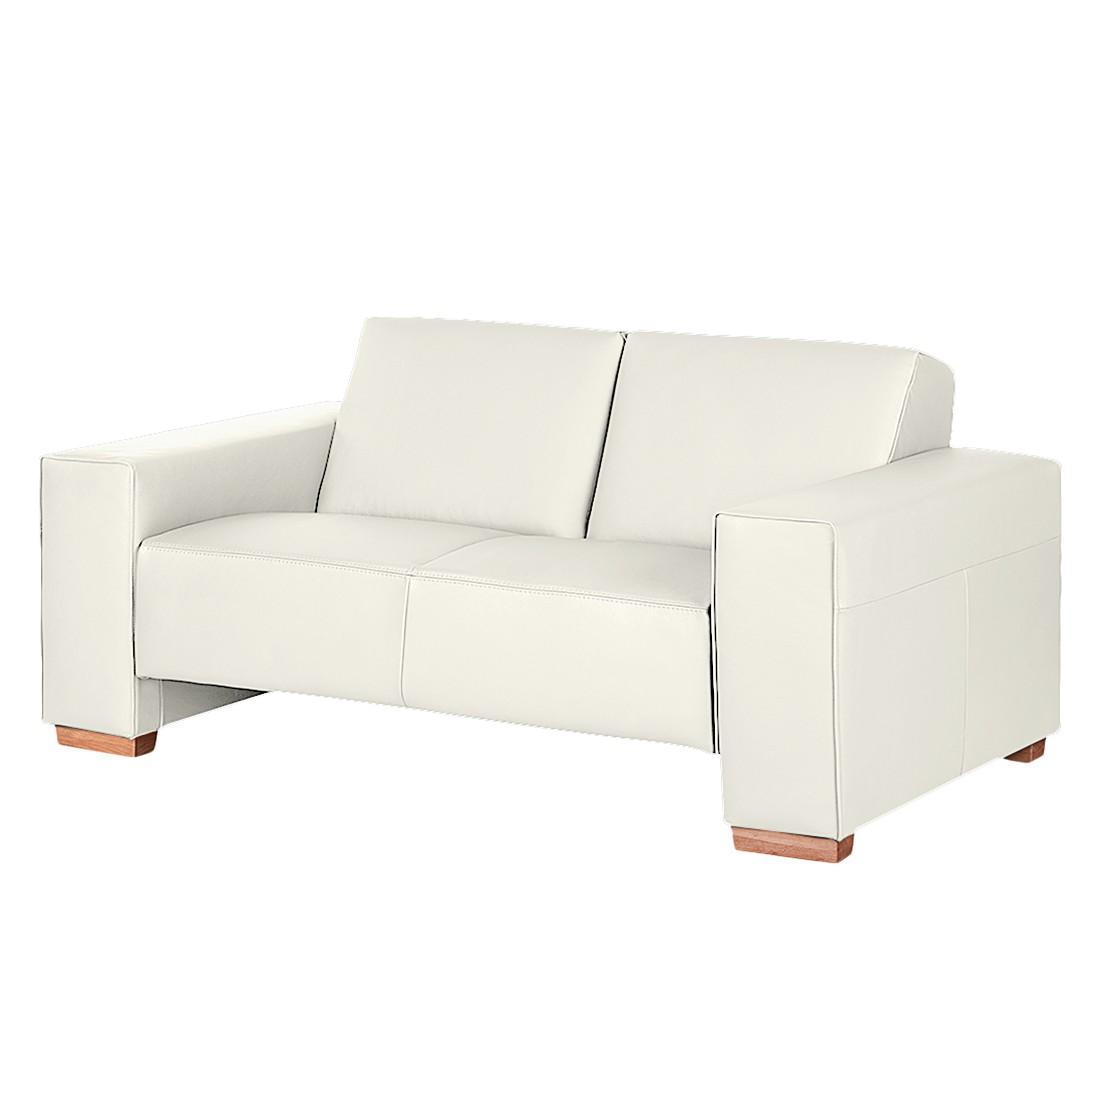 preisvergleich eu leder sofa 2 sitzer leder wei. Black Bedroom Furniture Sets. Home Design Ideas